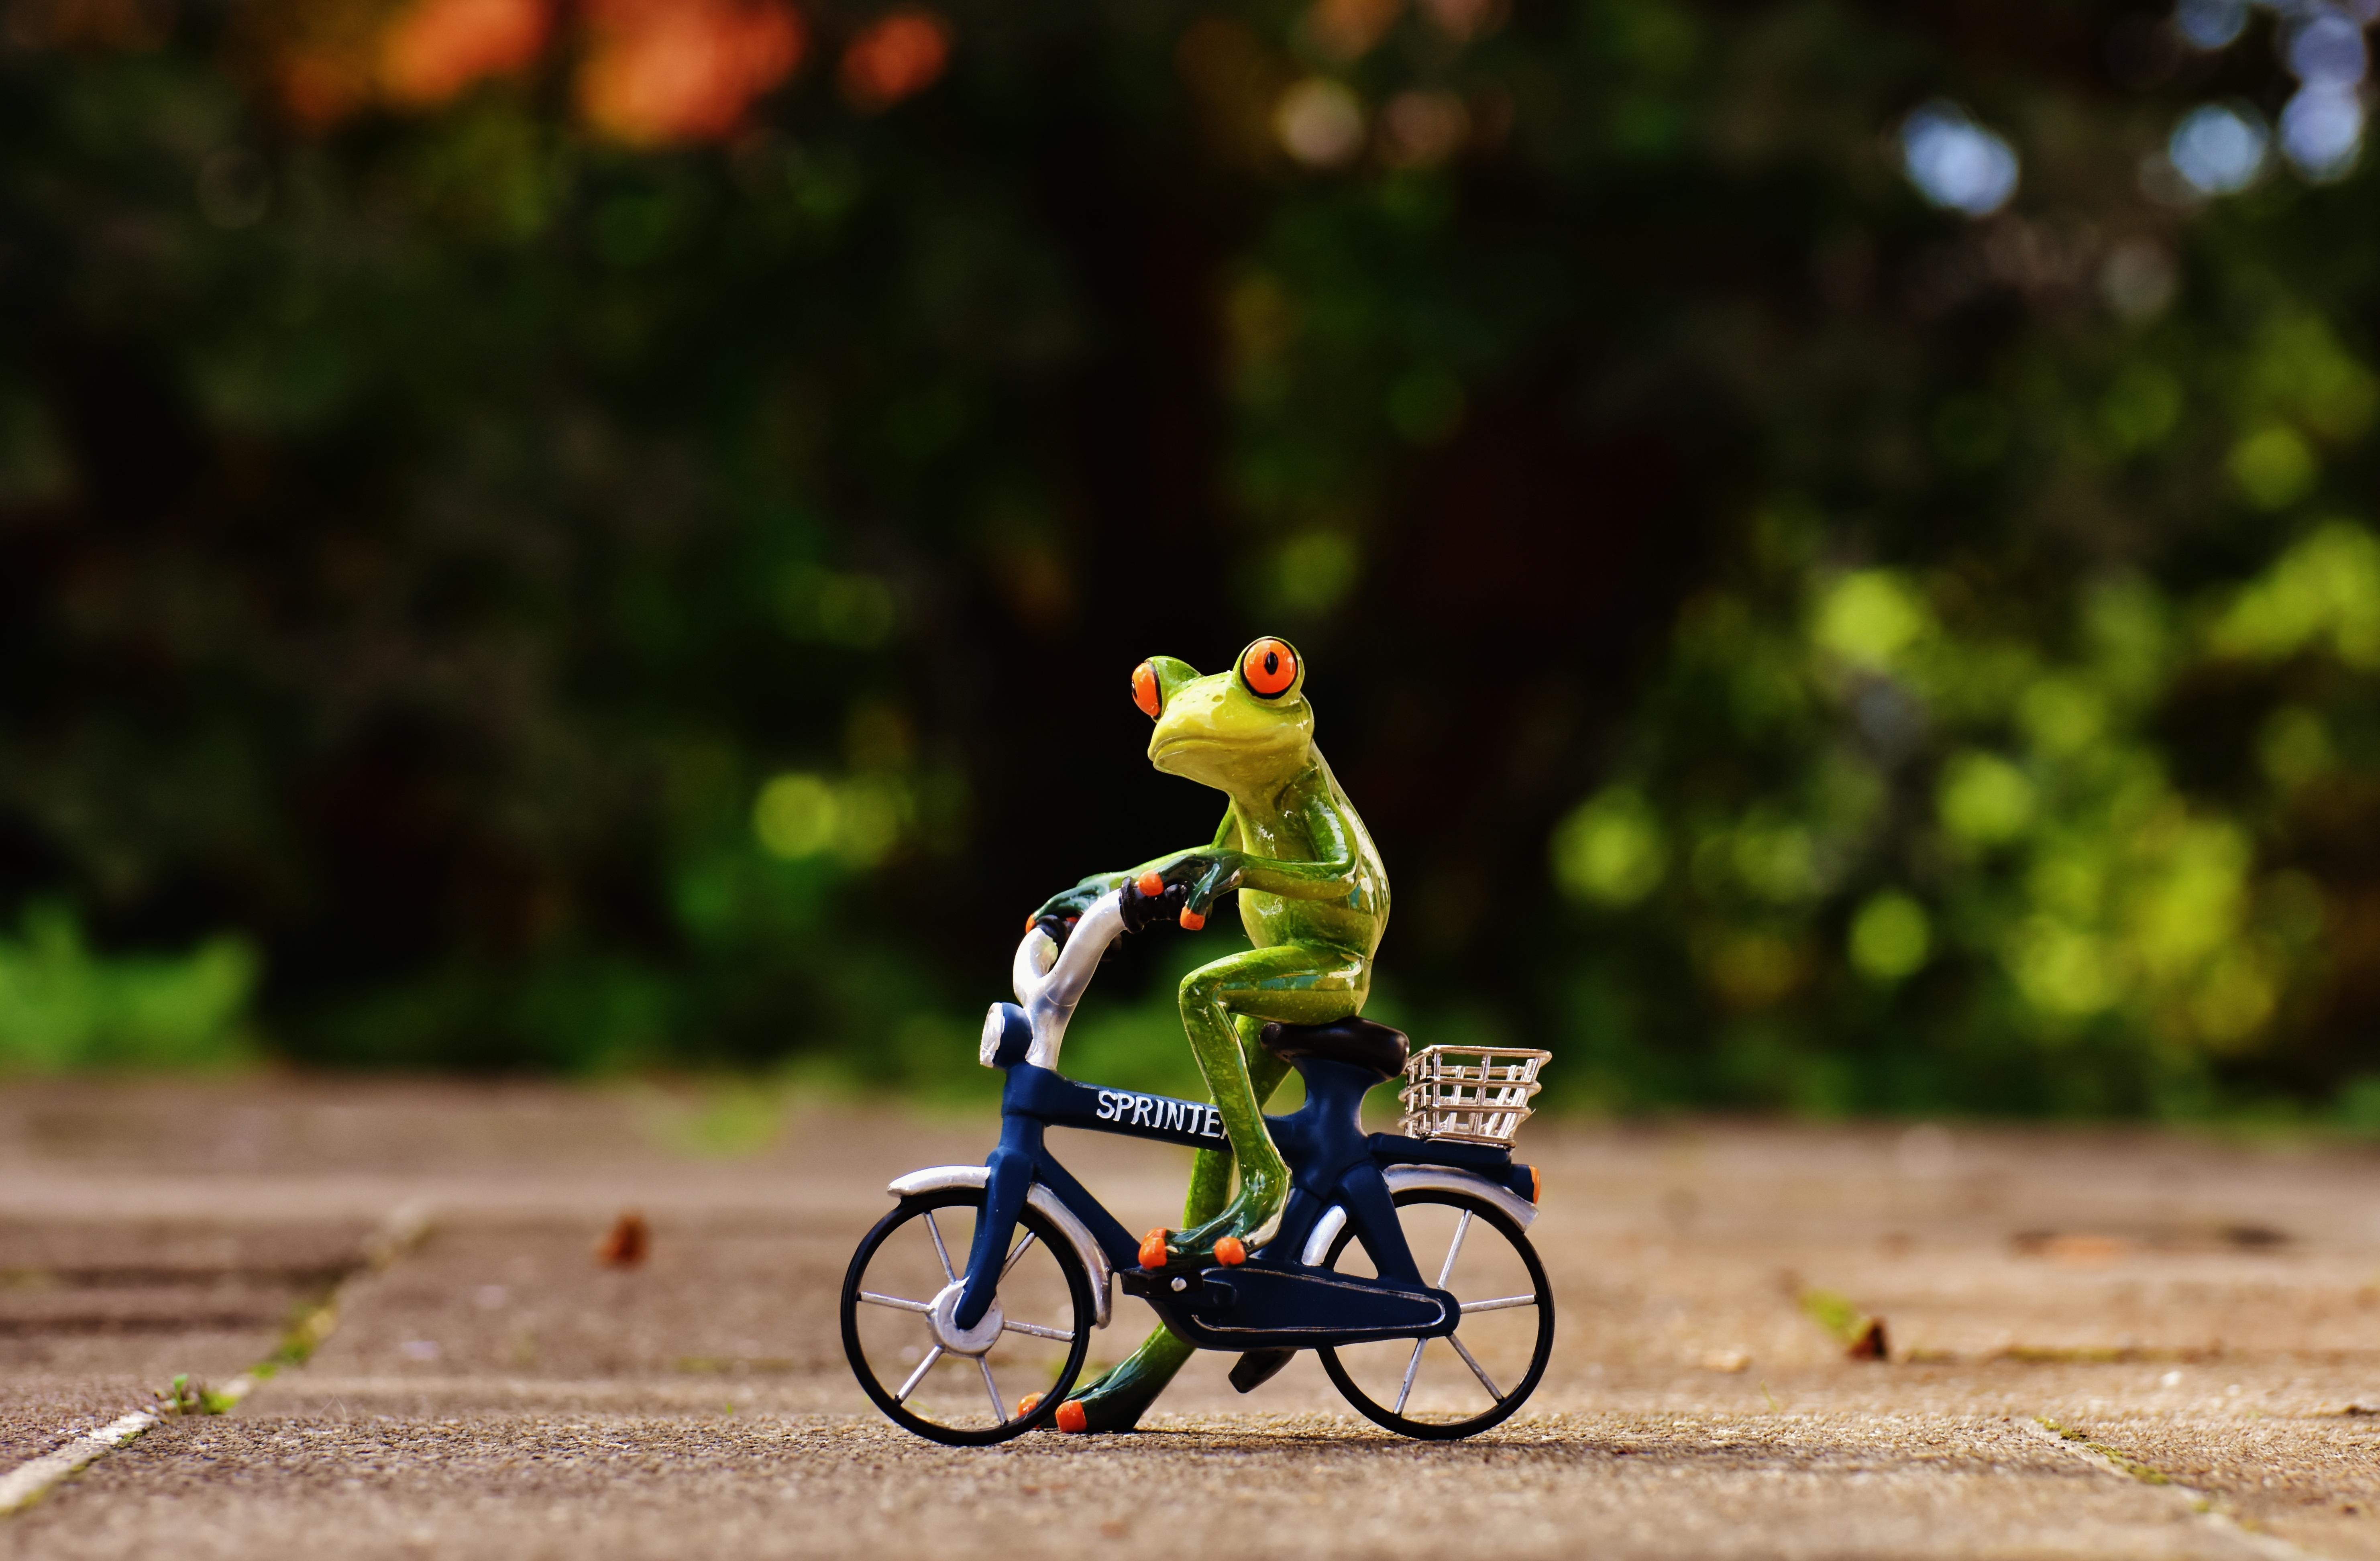 Прикольные картинки велосипед